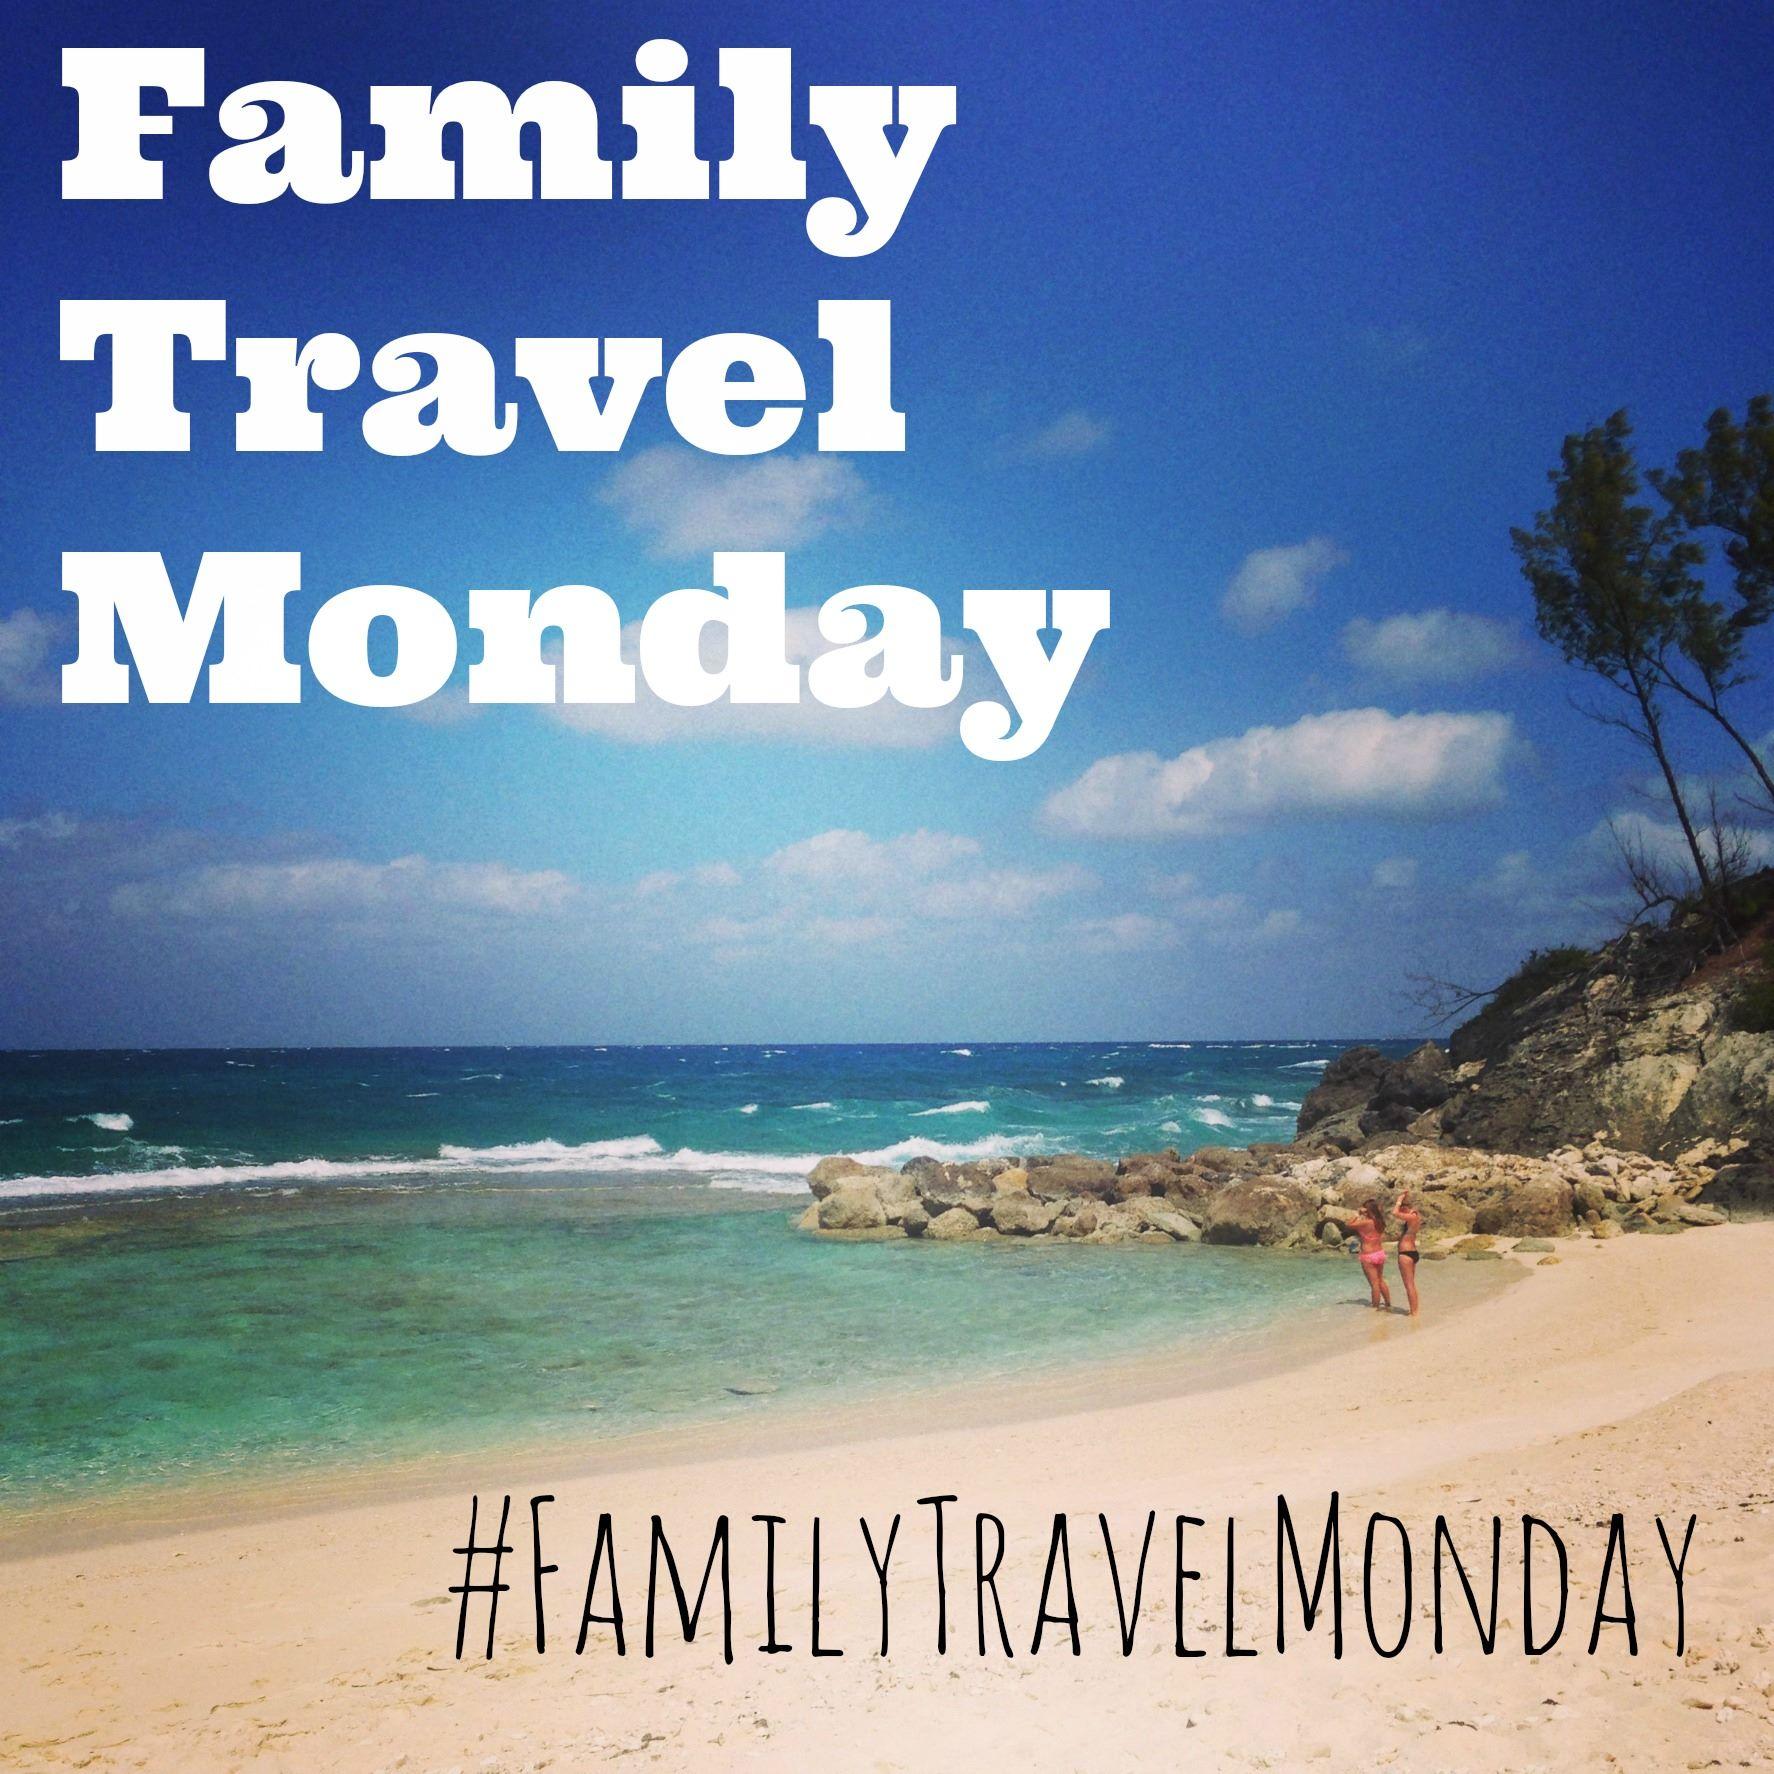 #FamilyTravelMonday